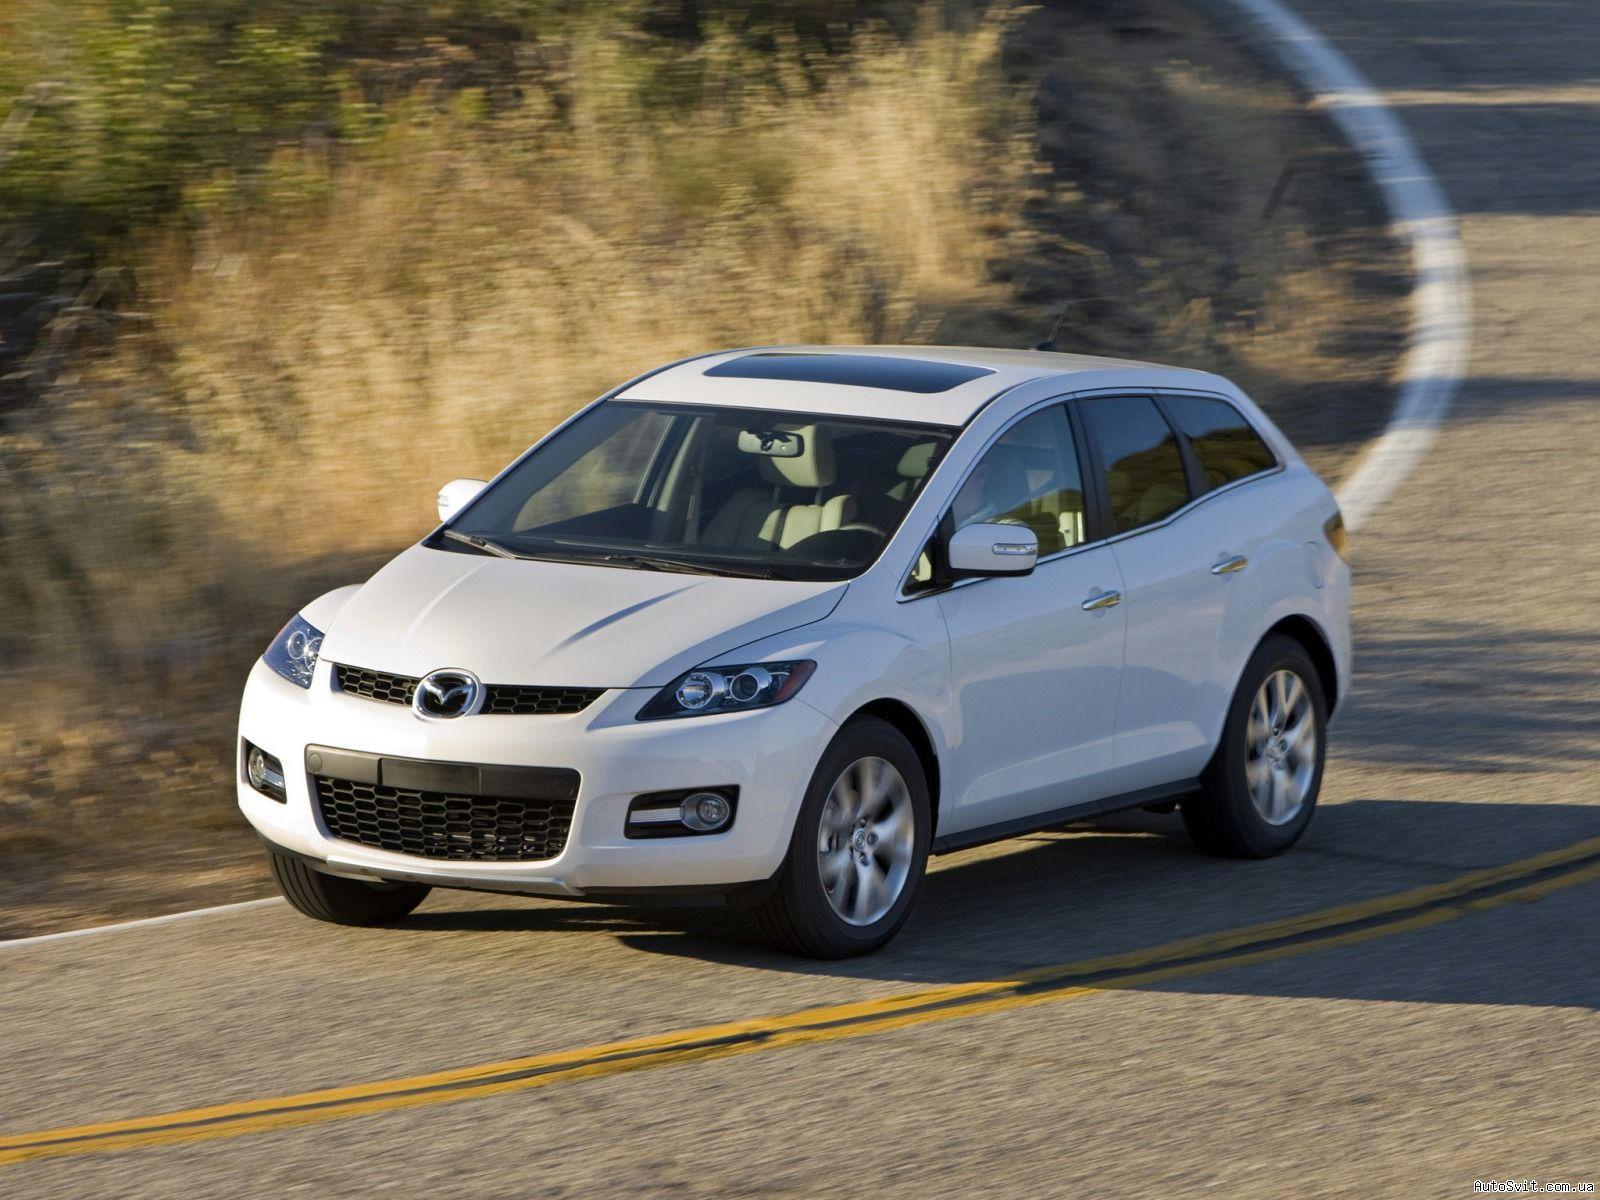 Mazda срочно отзывает около 200 тысяч автомобилей 1